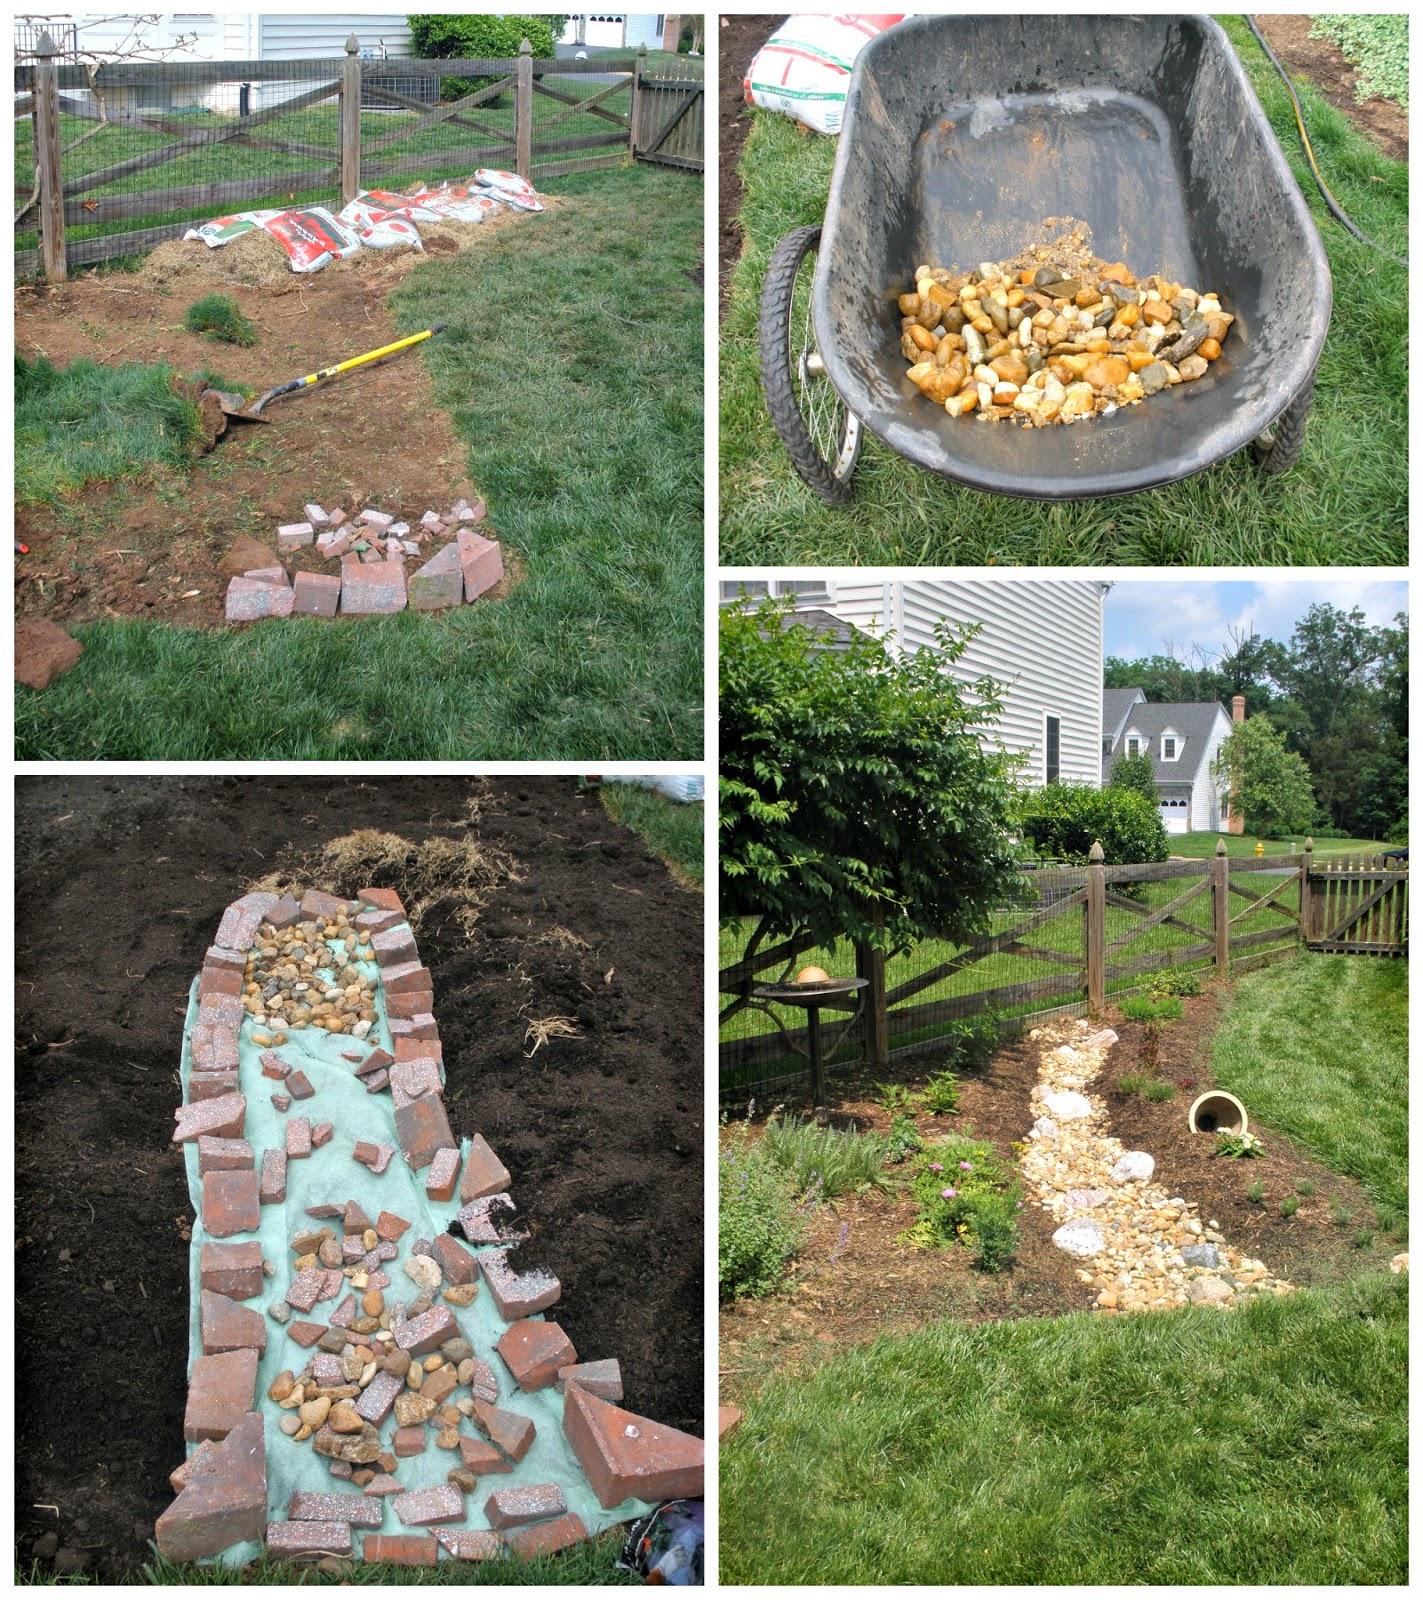 Casa mariposa the rain garden redesign for Garden redesign